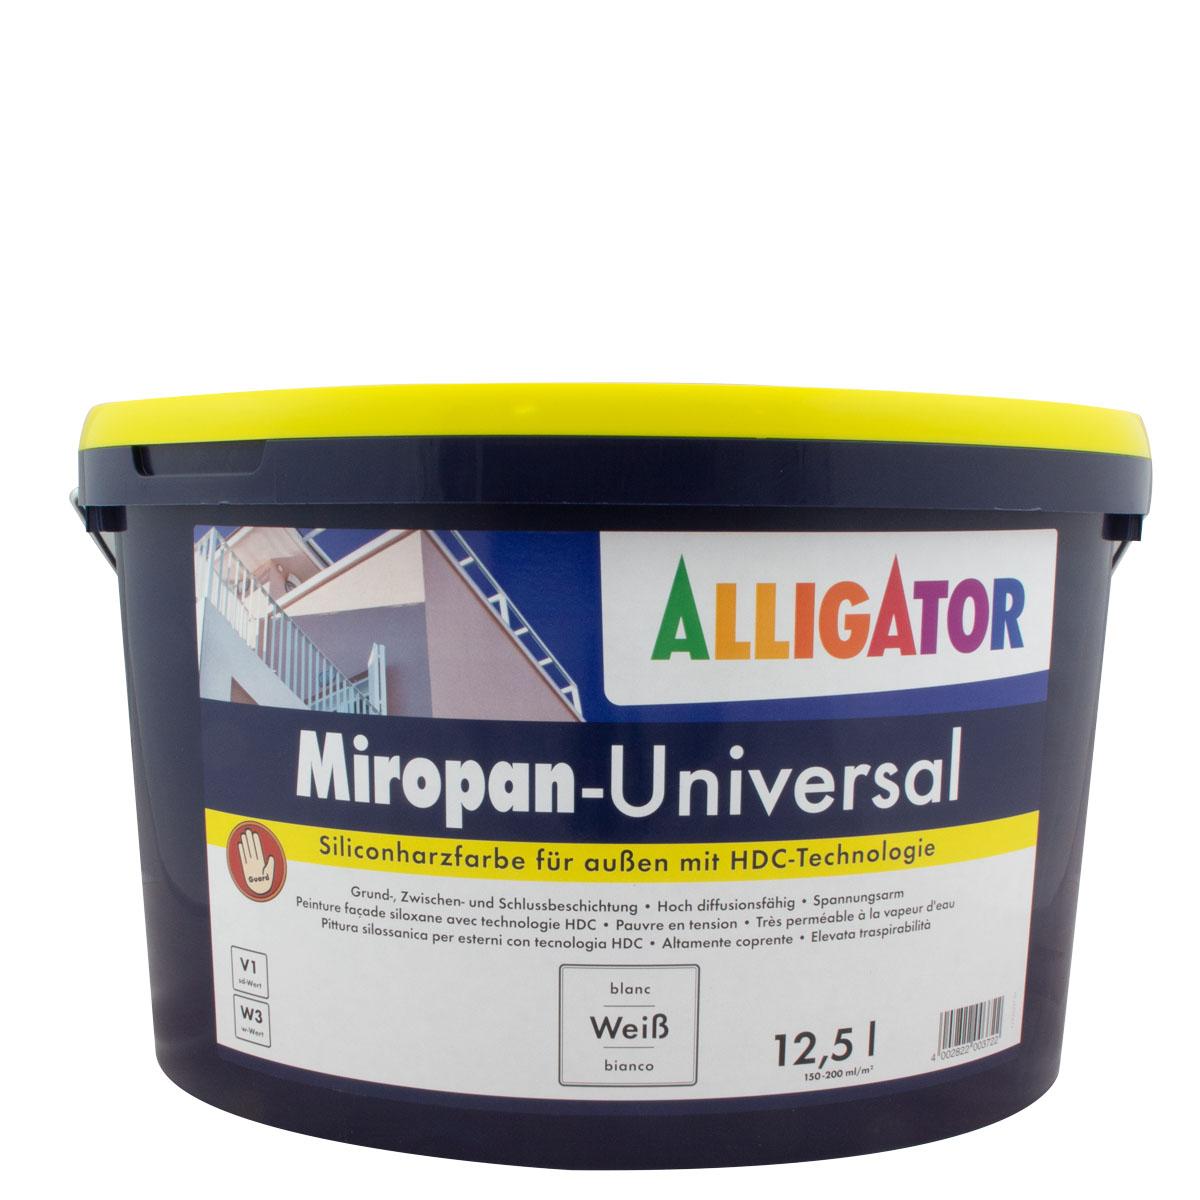 Alligator Miropan-Universal 12,5L weiss, Siliconharz-Fassadenfarbe